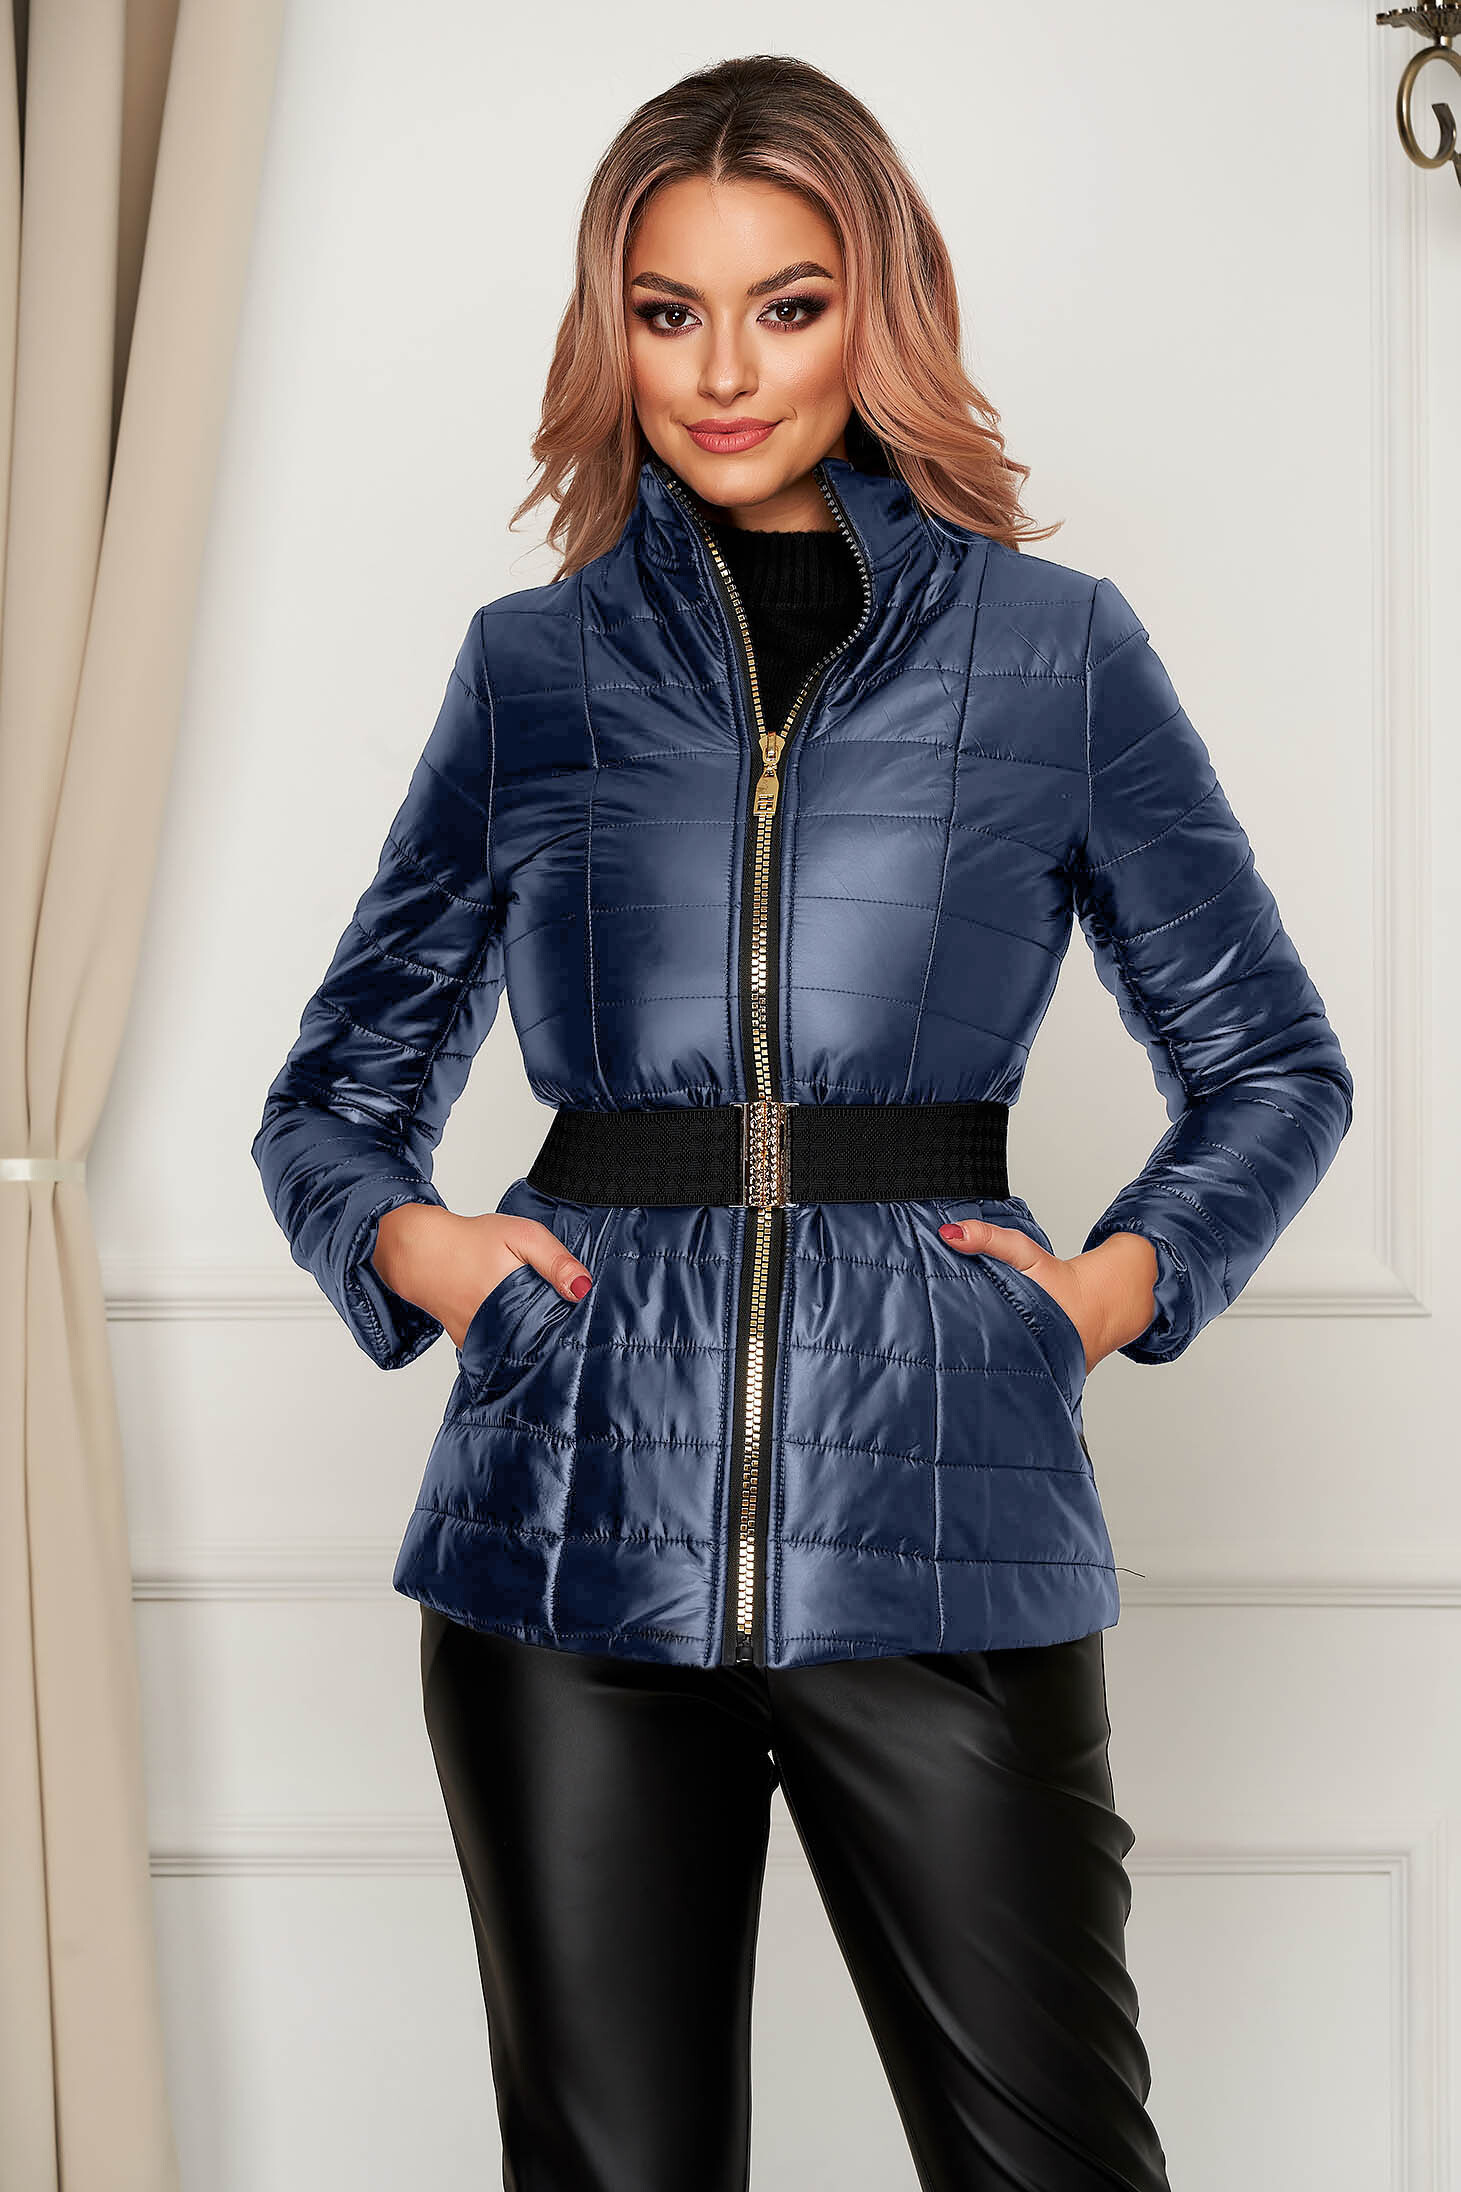 Sötétkék vízlepergető magas nyakú zsebes casual dzseki